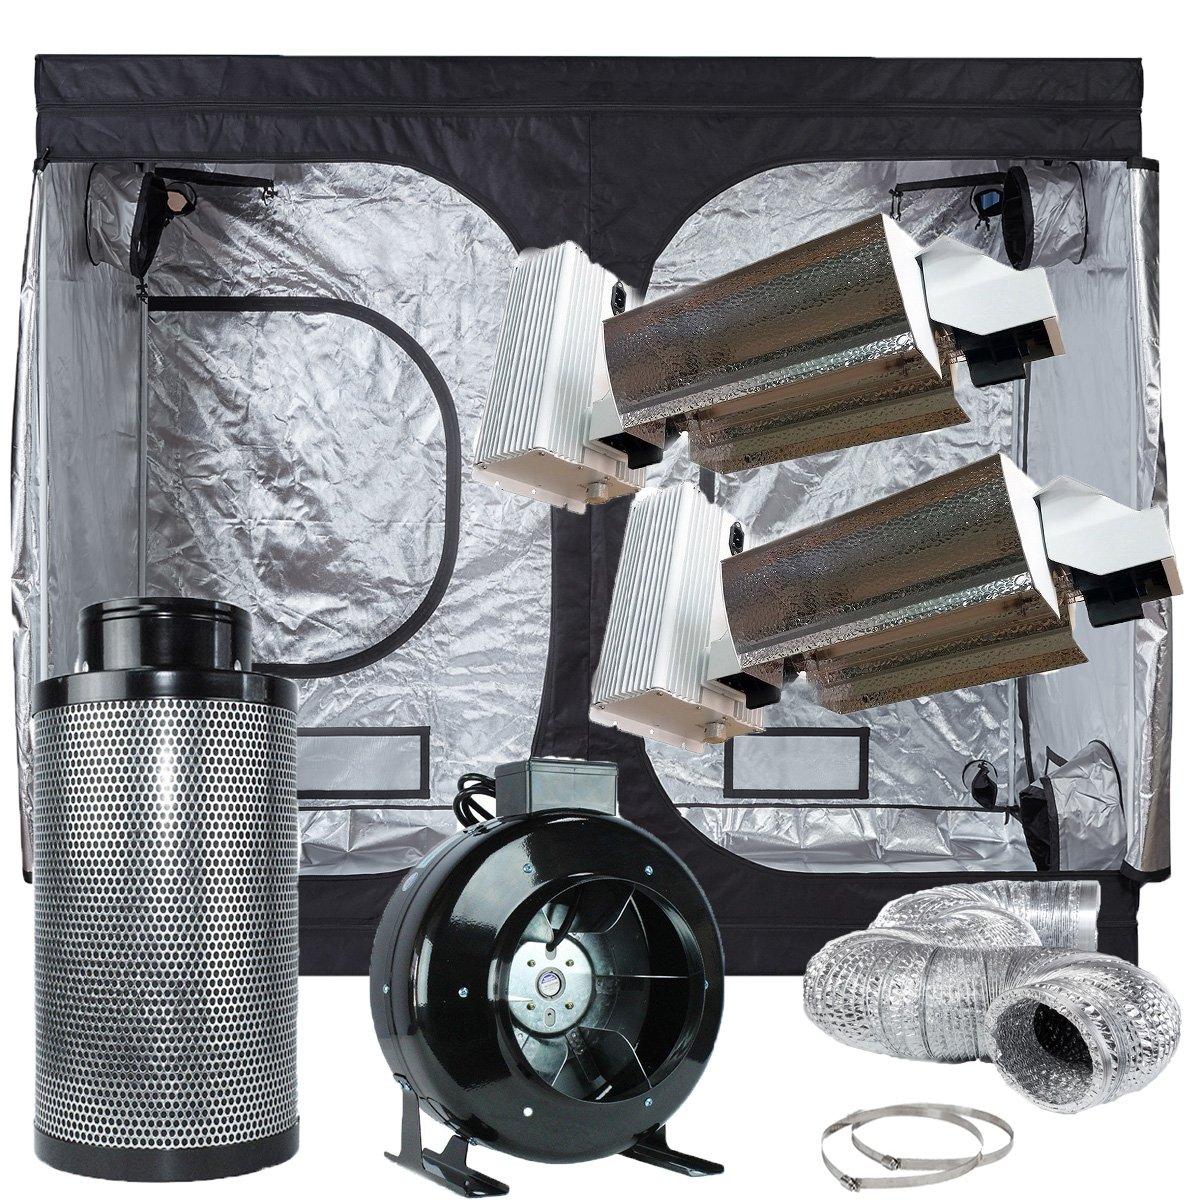 TopoLite Grow Tent Complete Kit Indoor GrowIng Syetem 120''x60''x80'' Dark Room+8''Filter Combo+2x Grow Light Kit (DE1000W Open Kit)